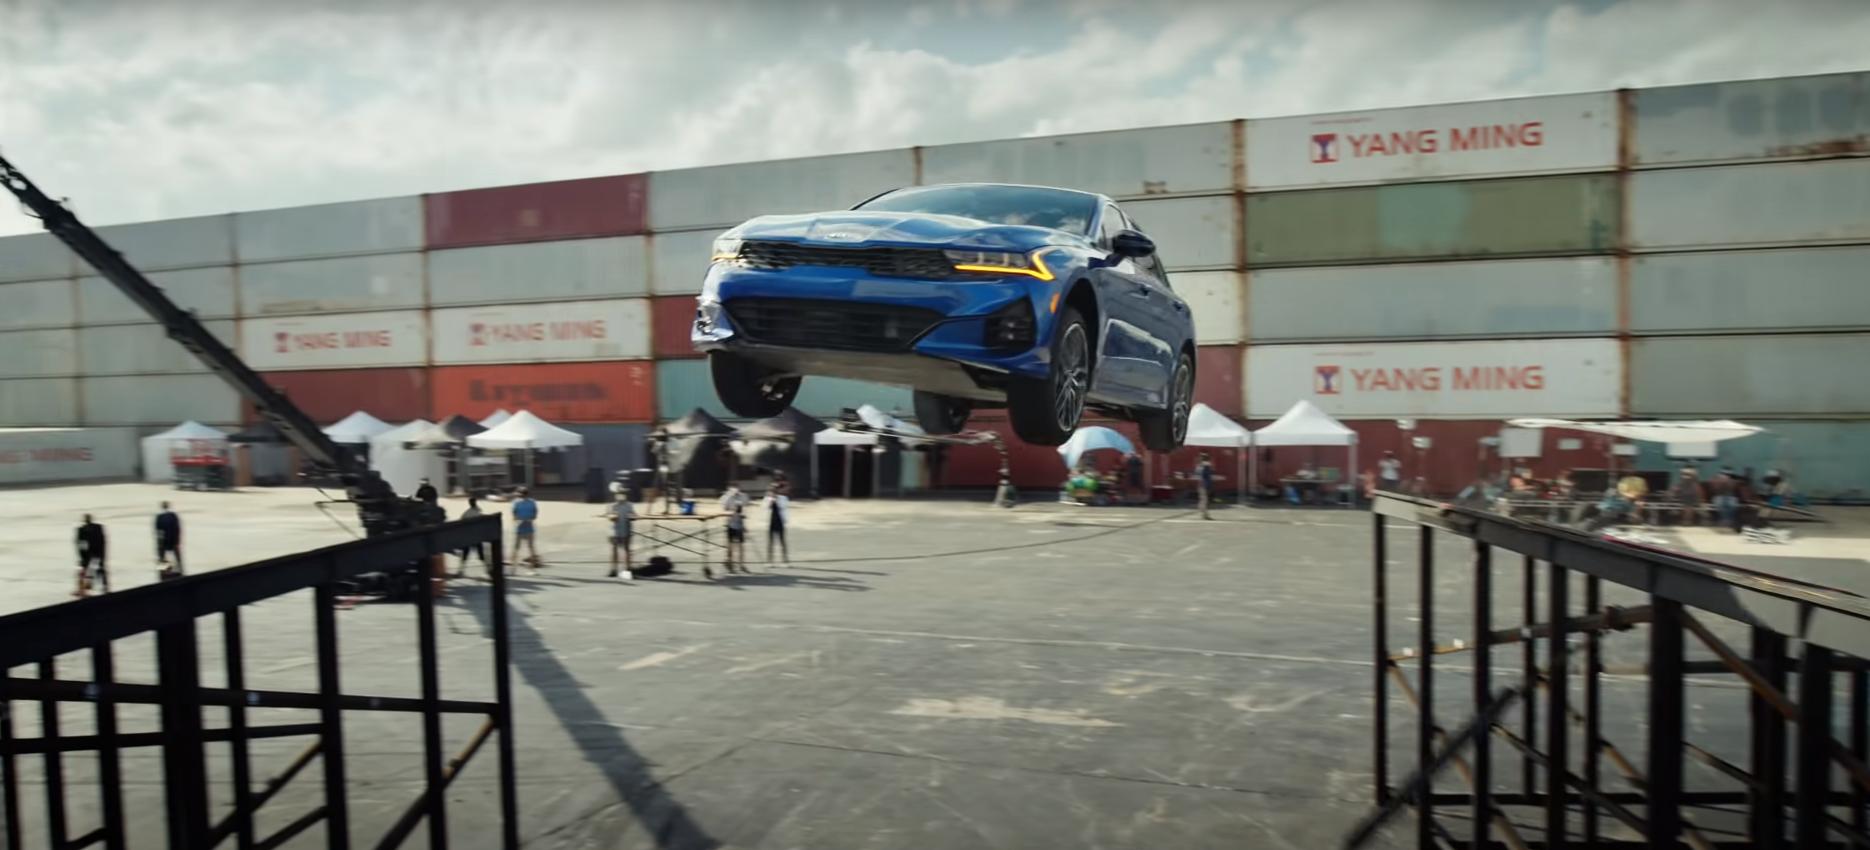 Реклама КИА К5 – захватывающий прыжок с разворотом